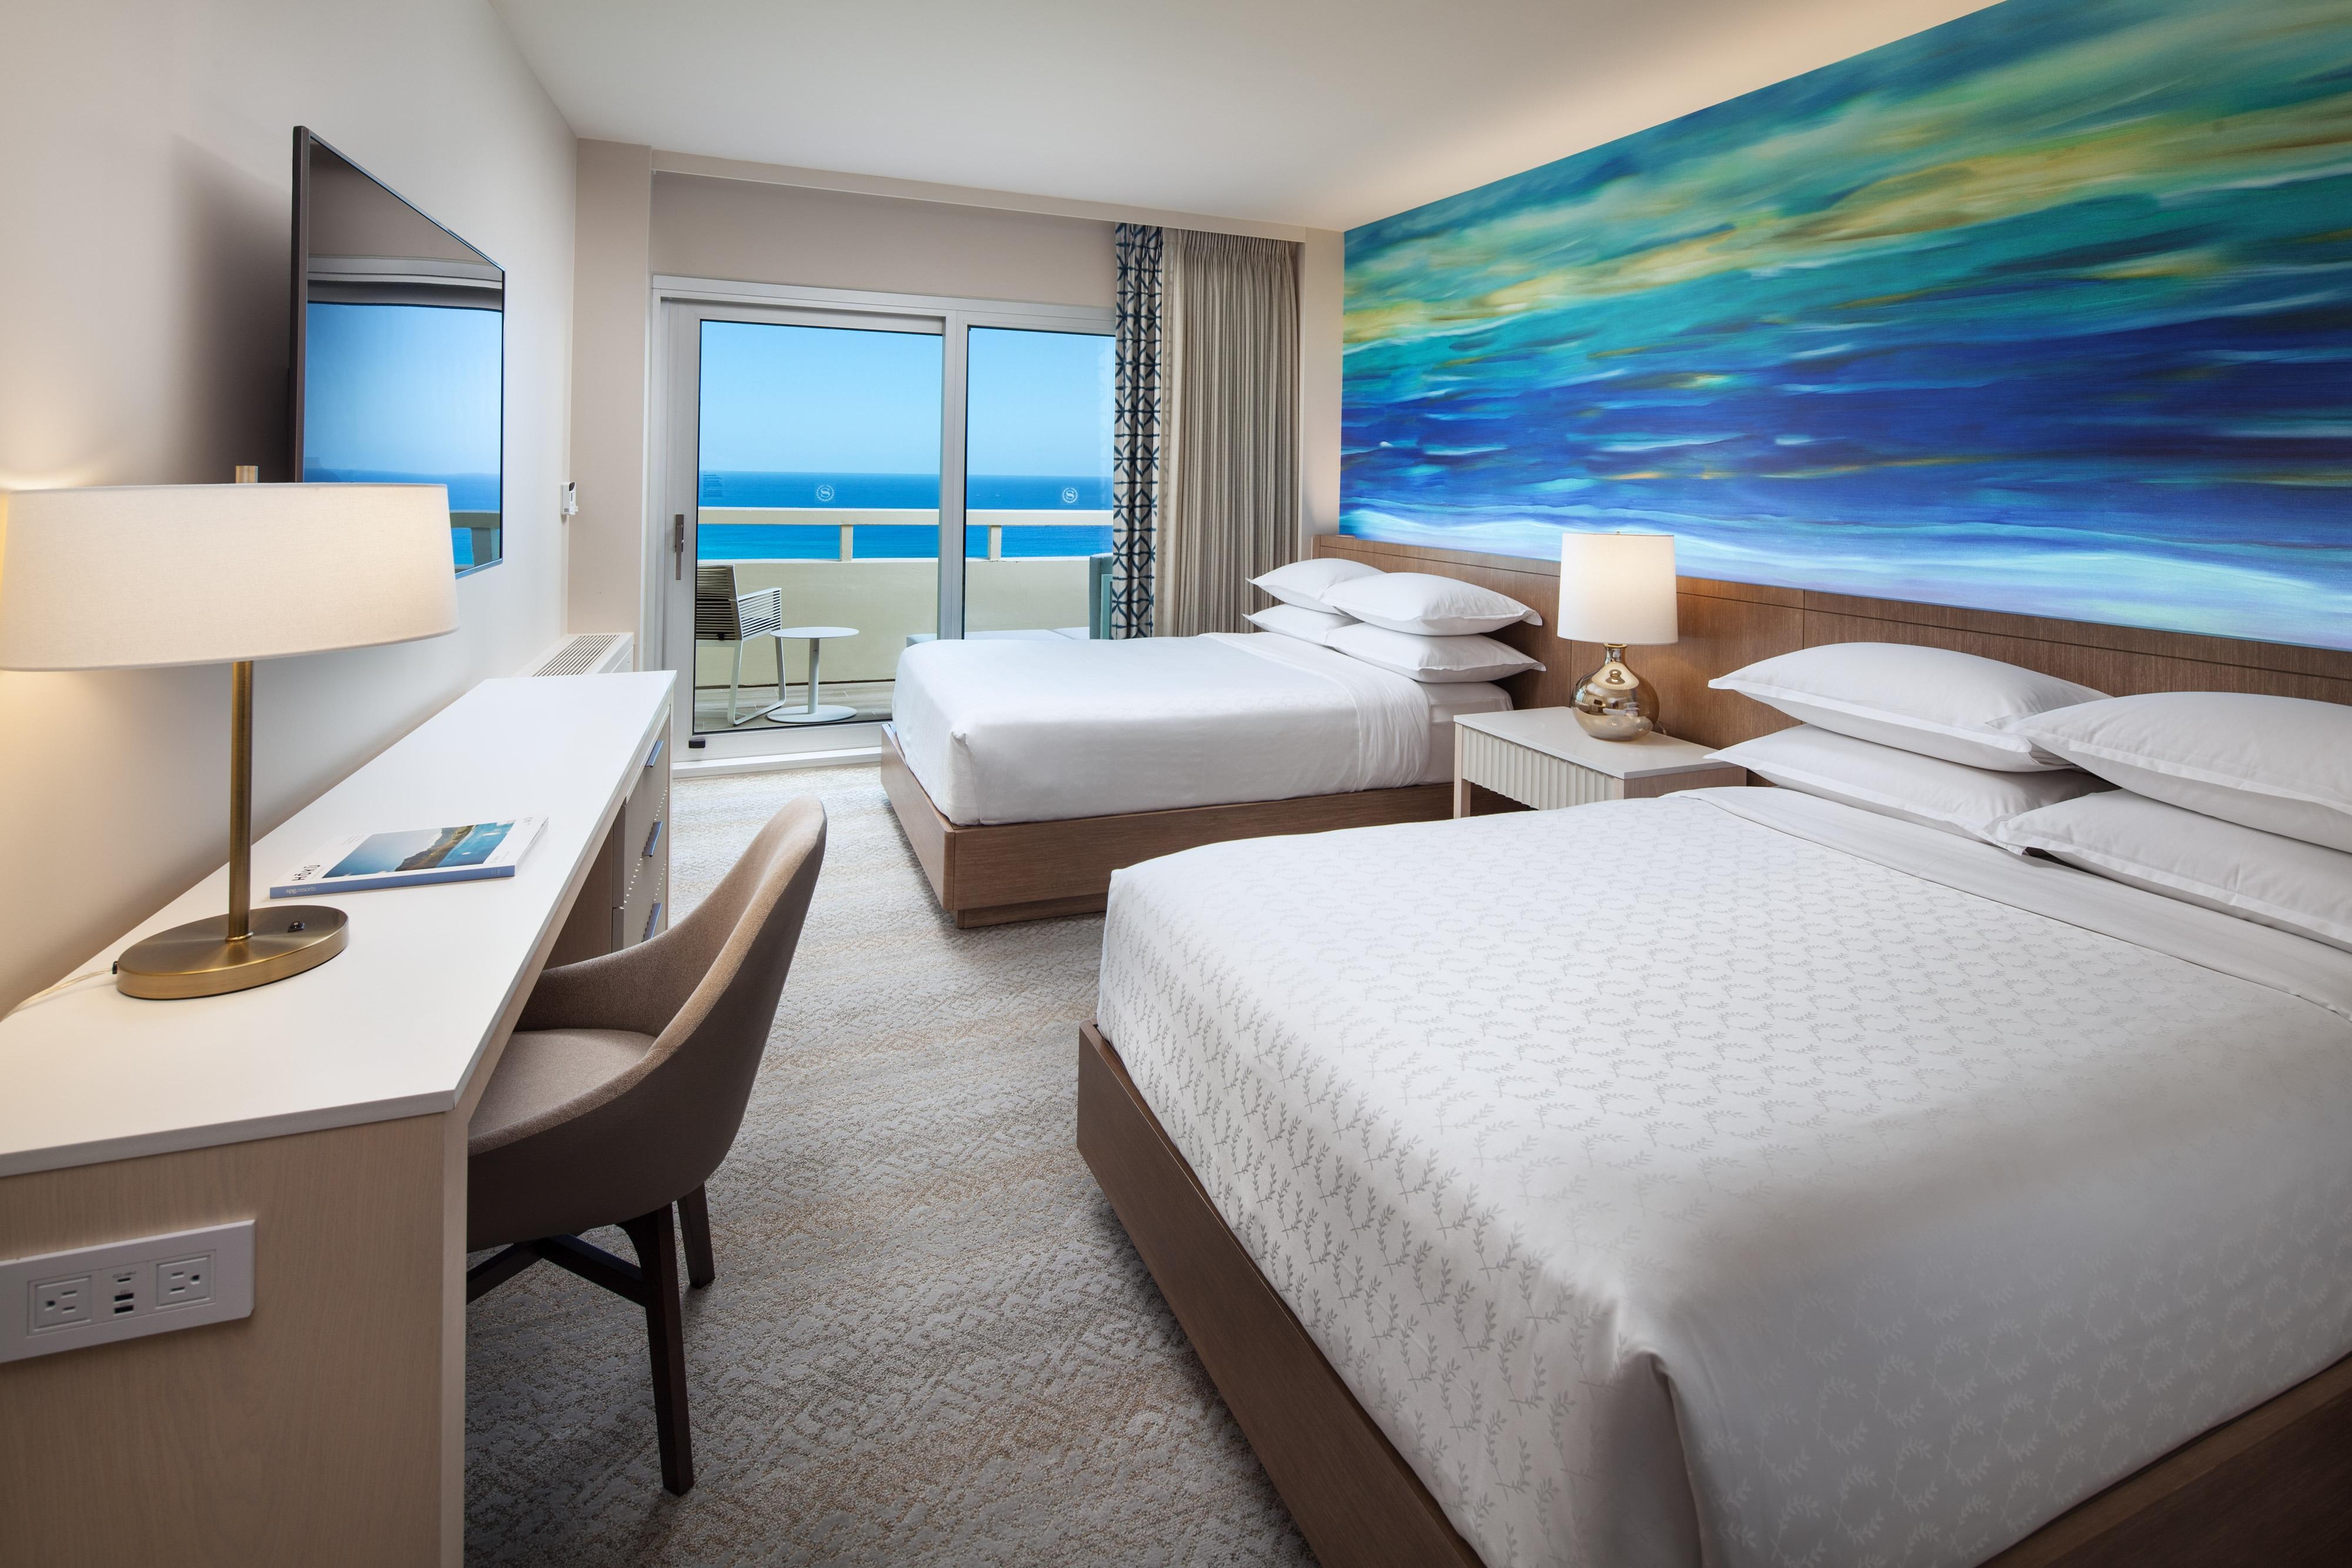 Camera con due letti matrimoniali fronte oceano